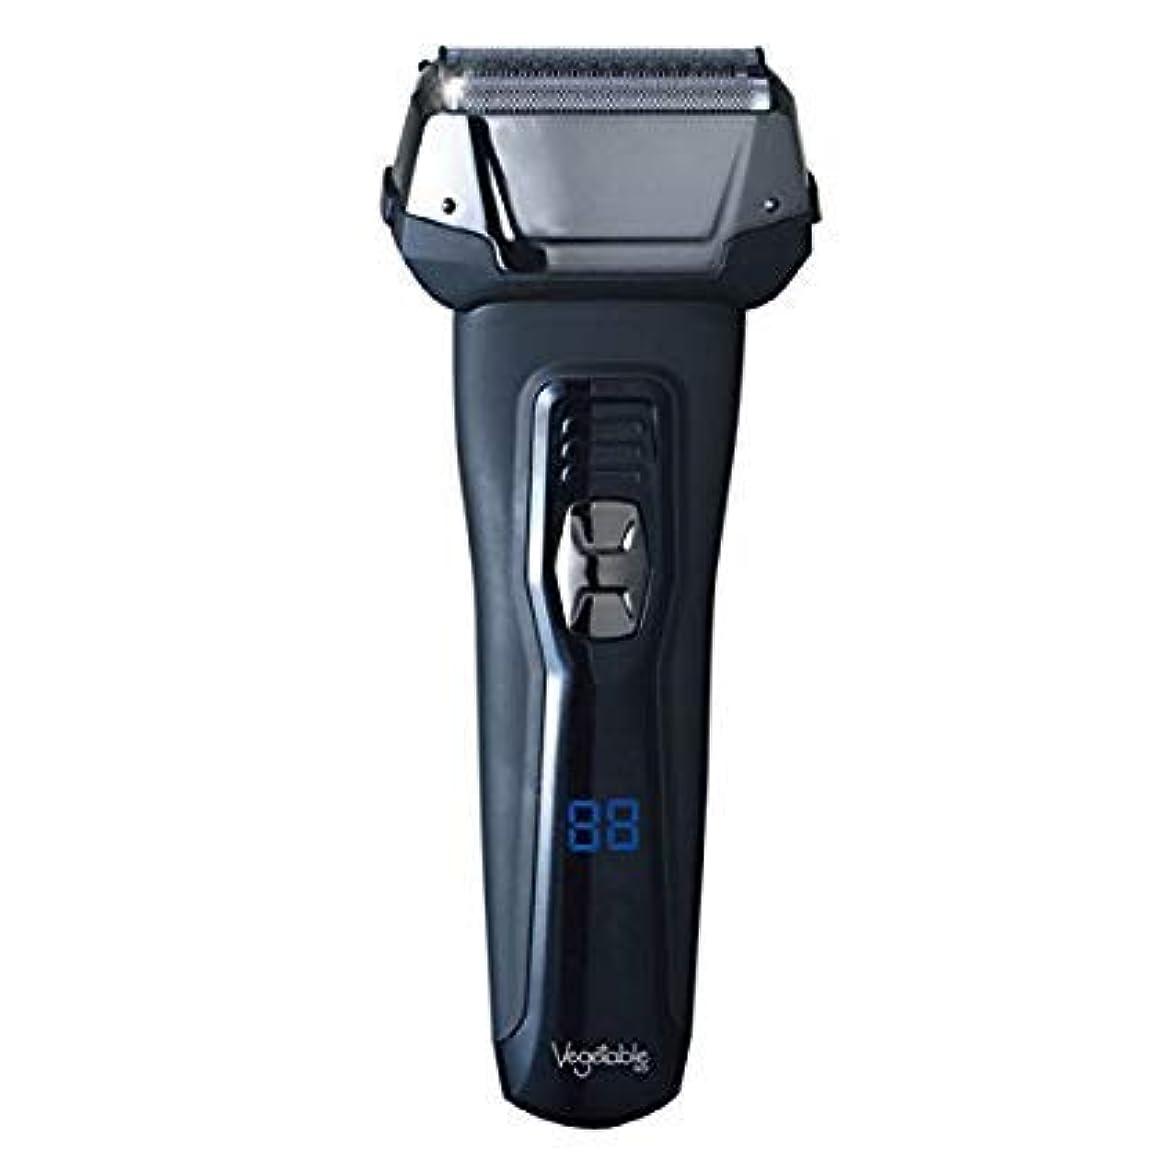 髭剃り 電気シェーバー Vegetable 3枚刃 充電交流式ウォッシャブルデジタルシェーバー GD-S307D